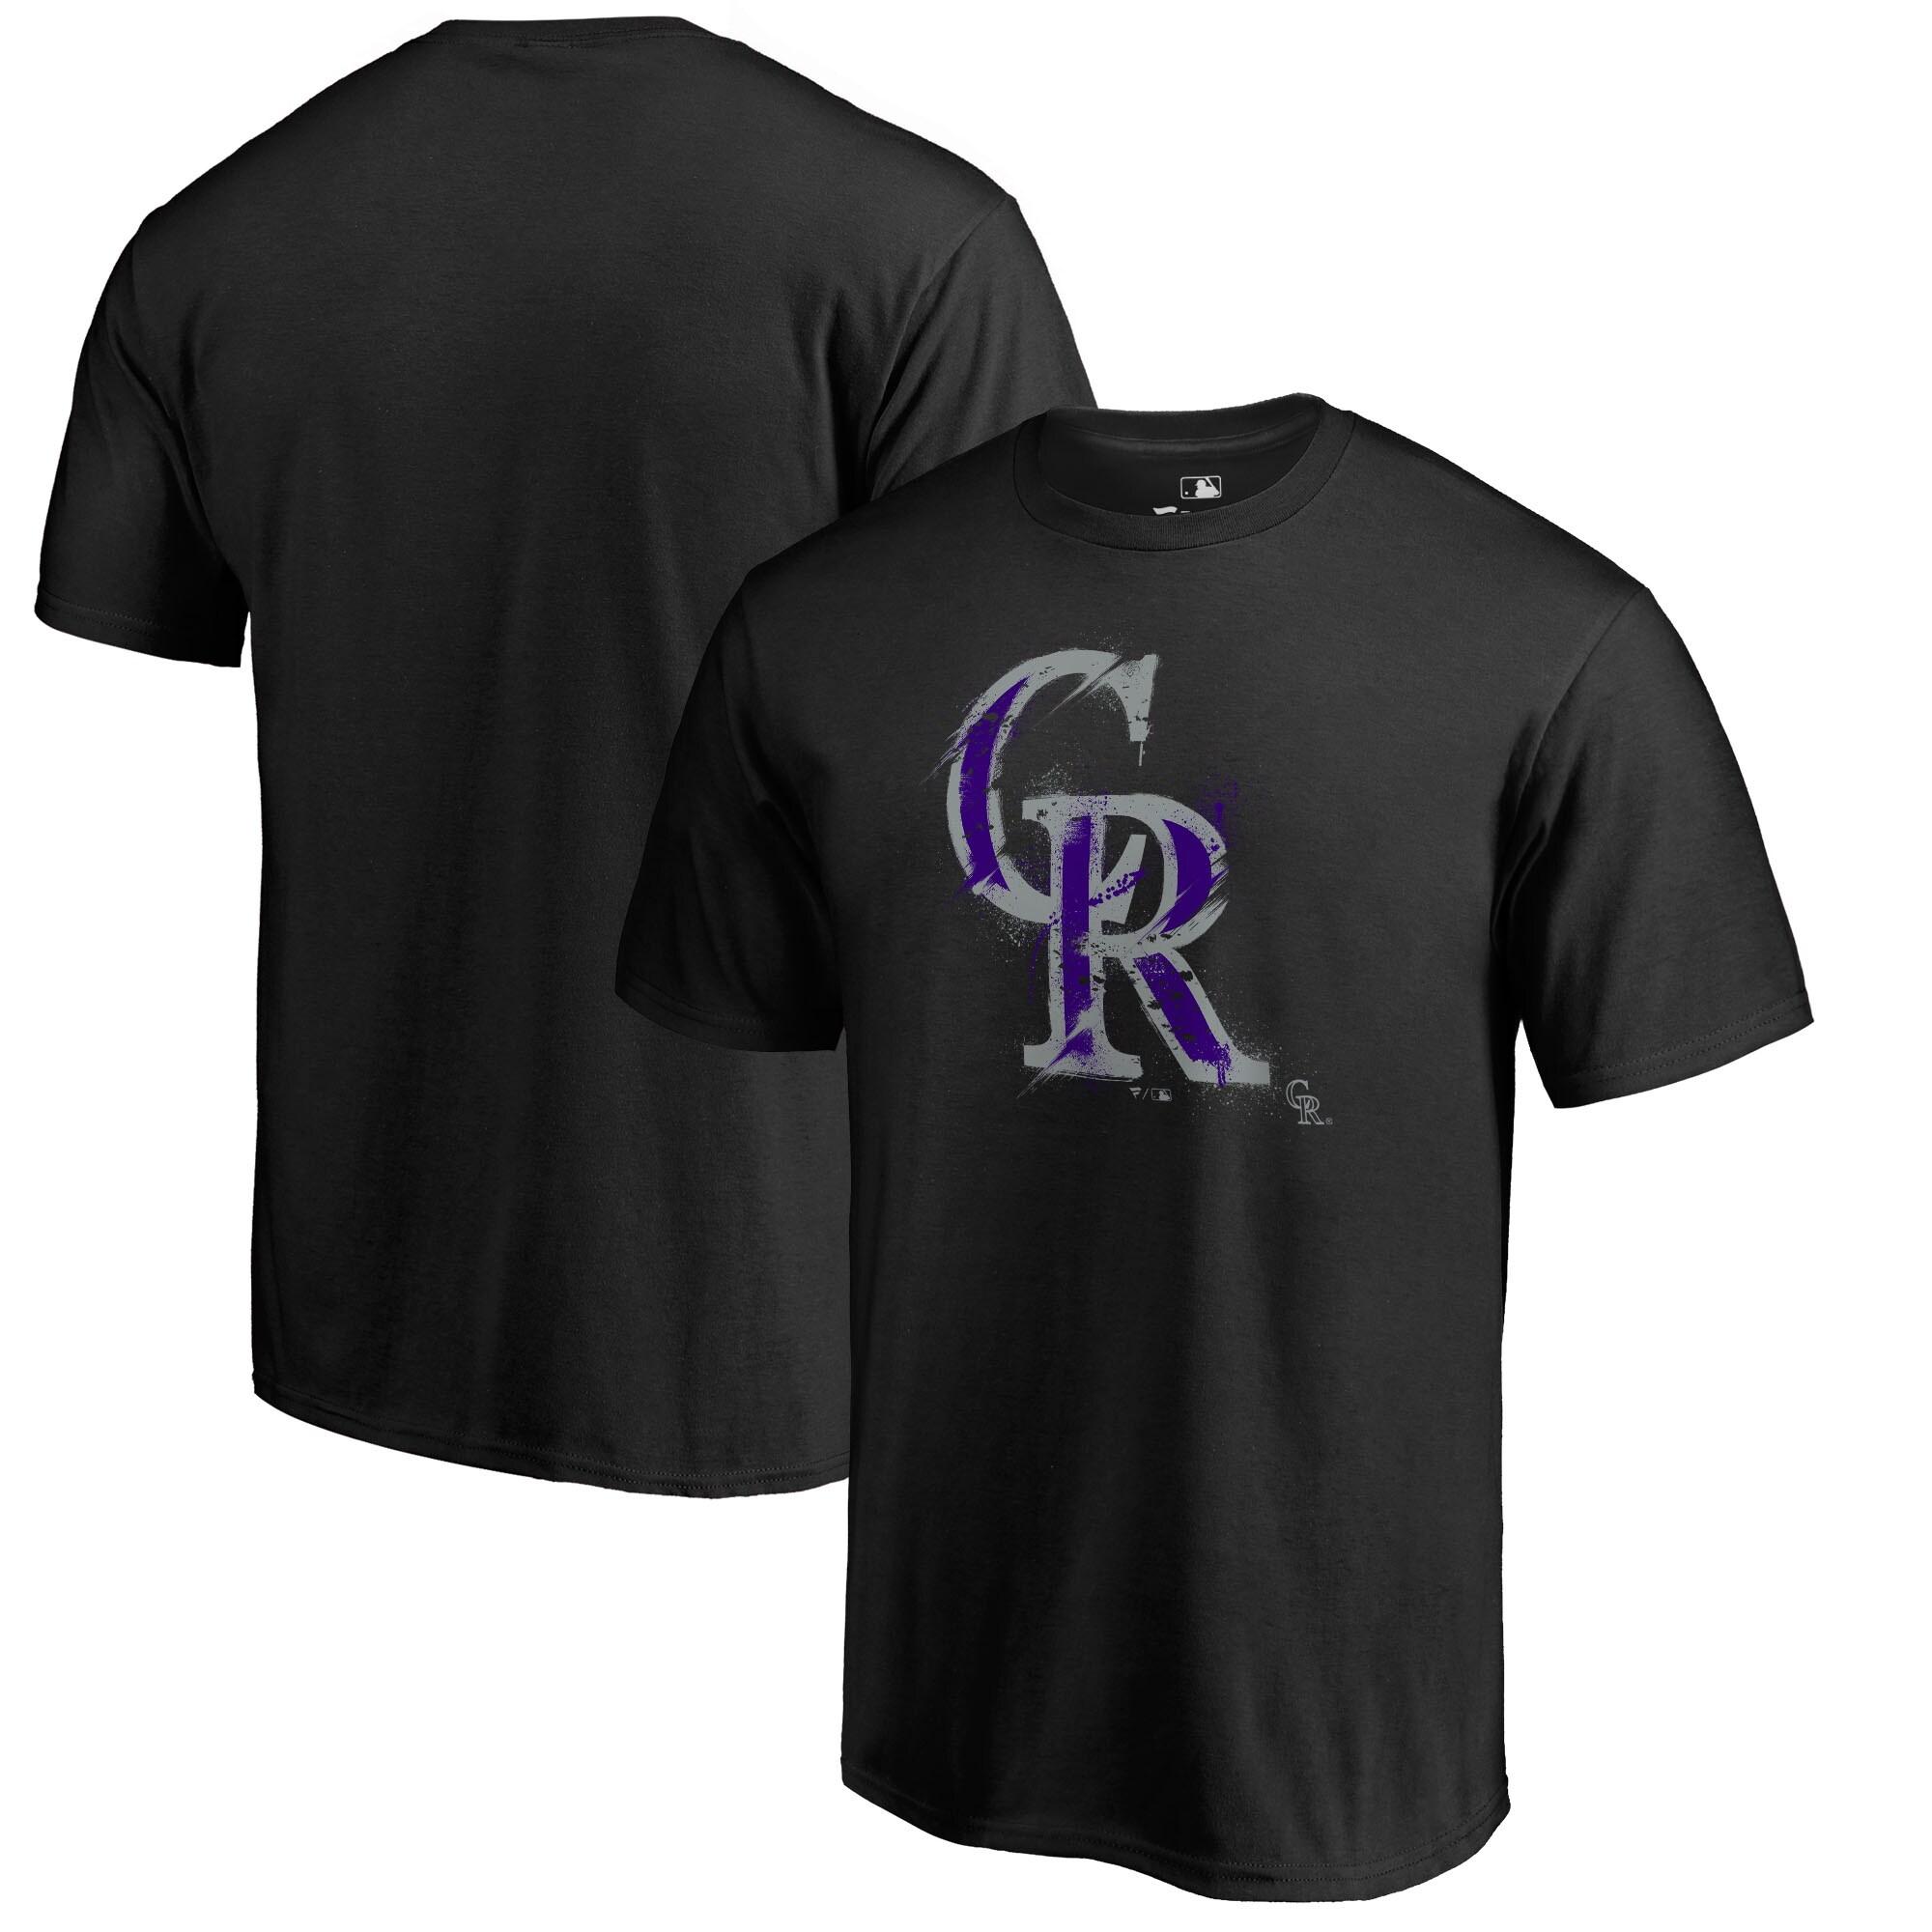 Colorado Rockies Fanatics Branded Splatter Logo T-Shirt - Black